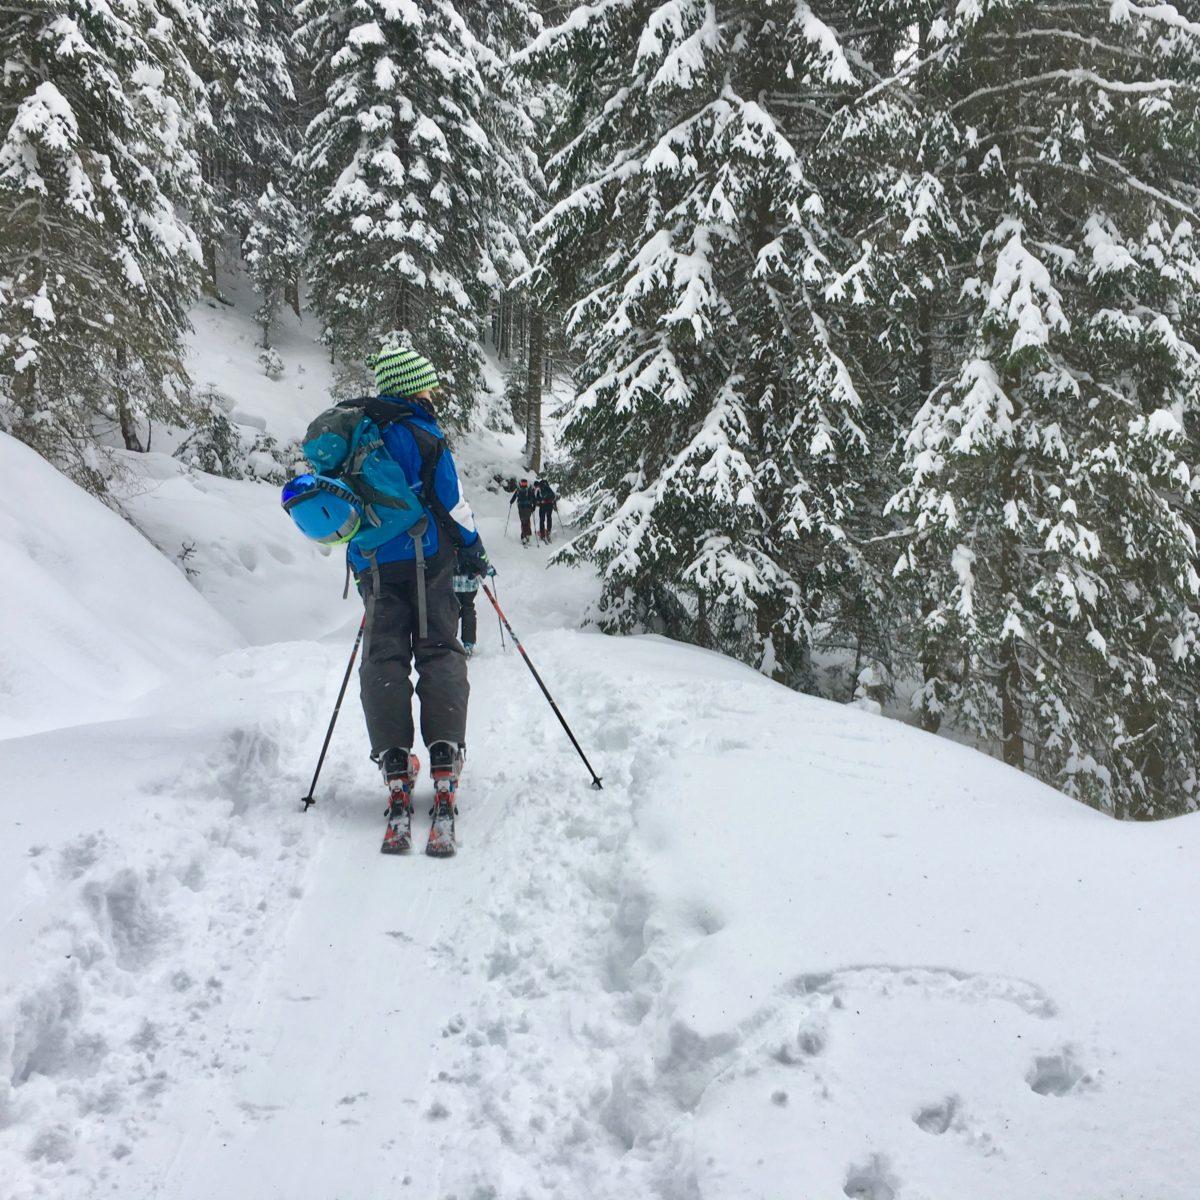 Auch Verschnaufen muss sein… beim Aufstieg am Ronachkopf, einer ehemaligen Skipiste, die heute für die Tourengeher präpariert wird.